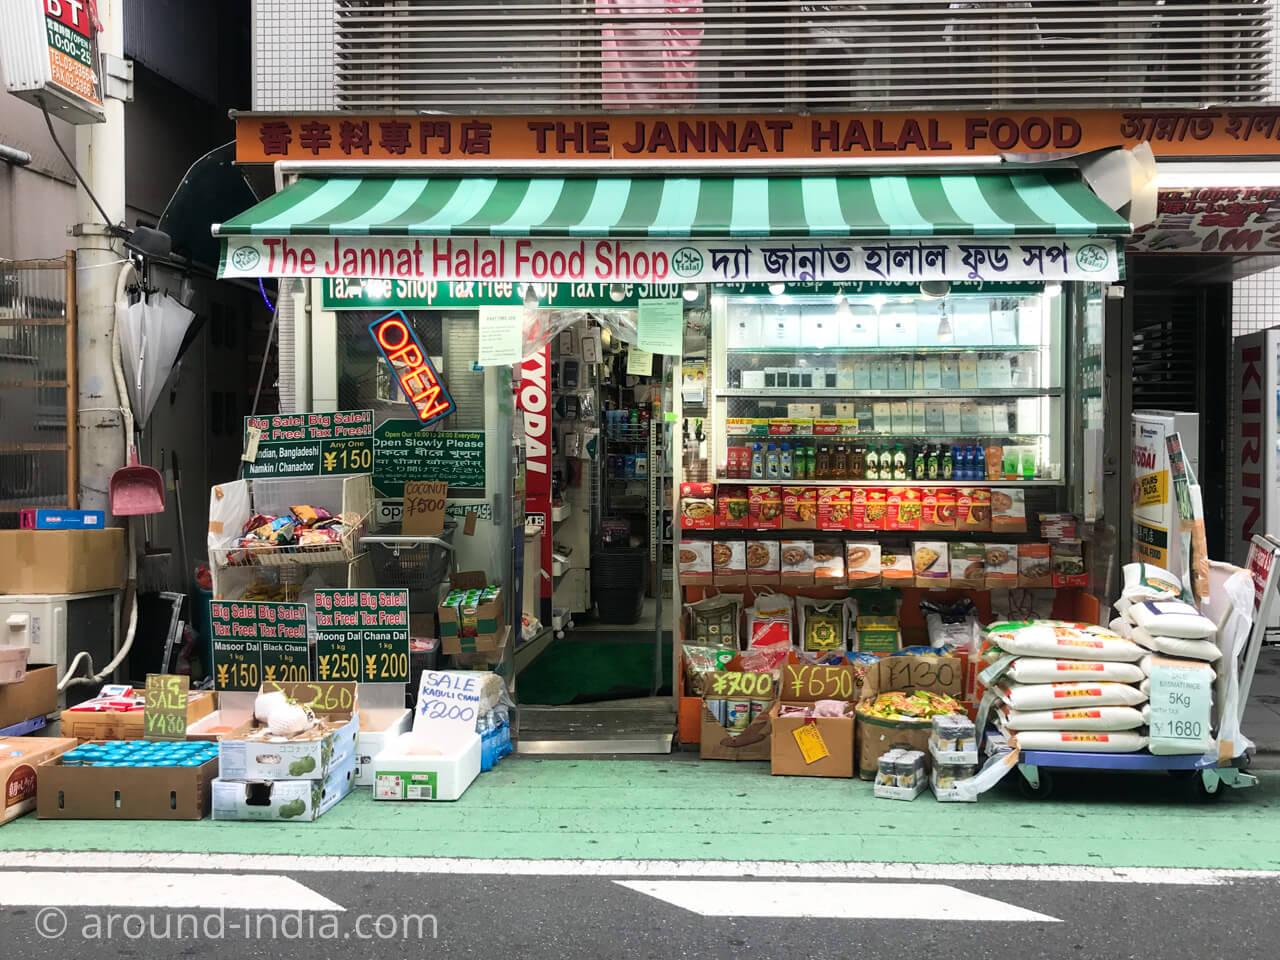 新大久保イスラム横丁 the Jannat halal food shop